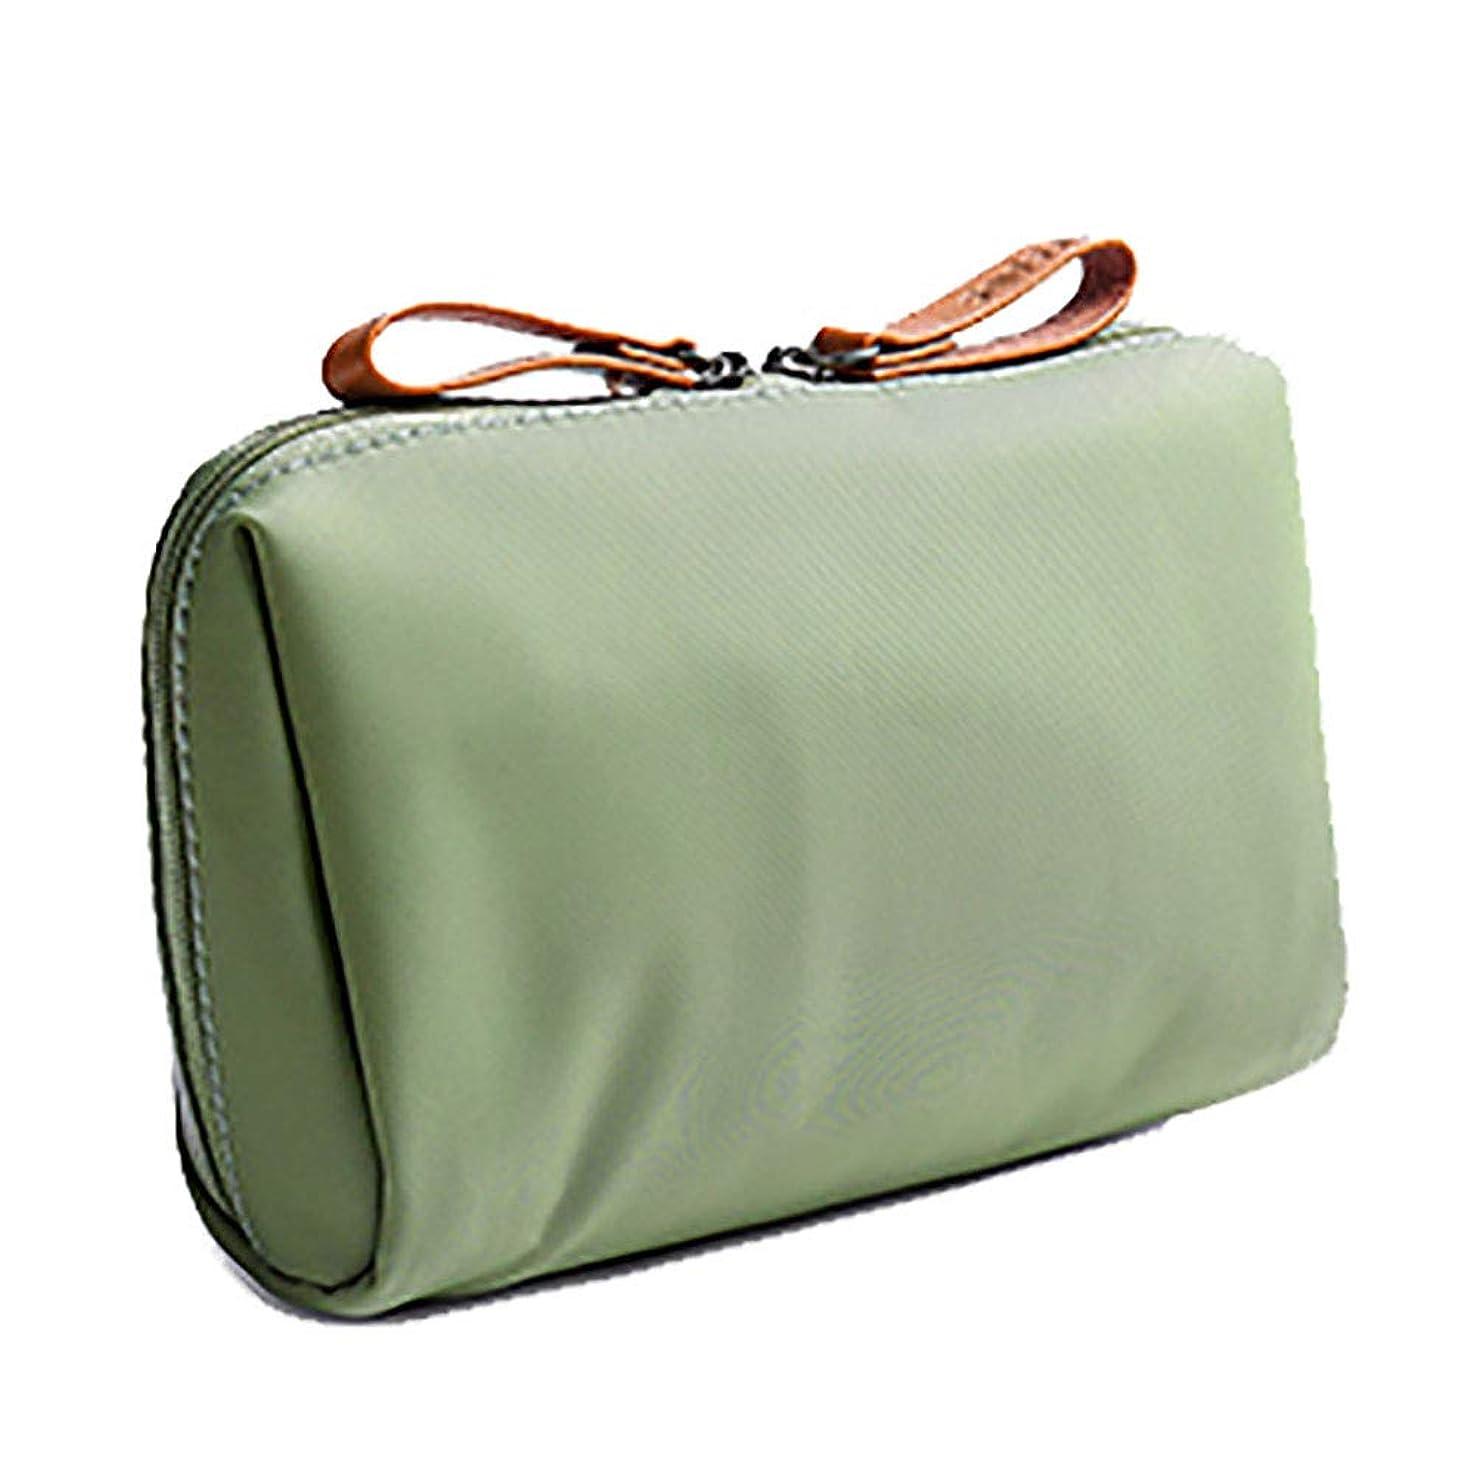 狂う歯科の悲劇旅行シンプルな化粧品のバッグ小さな携帯用化粧品袋ミニクラッチバッグと口紅の収納袋緑色のポリエステル16.8 * 6 * 10.5CM